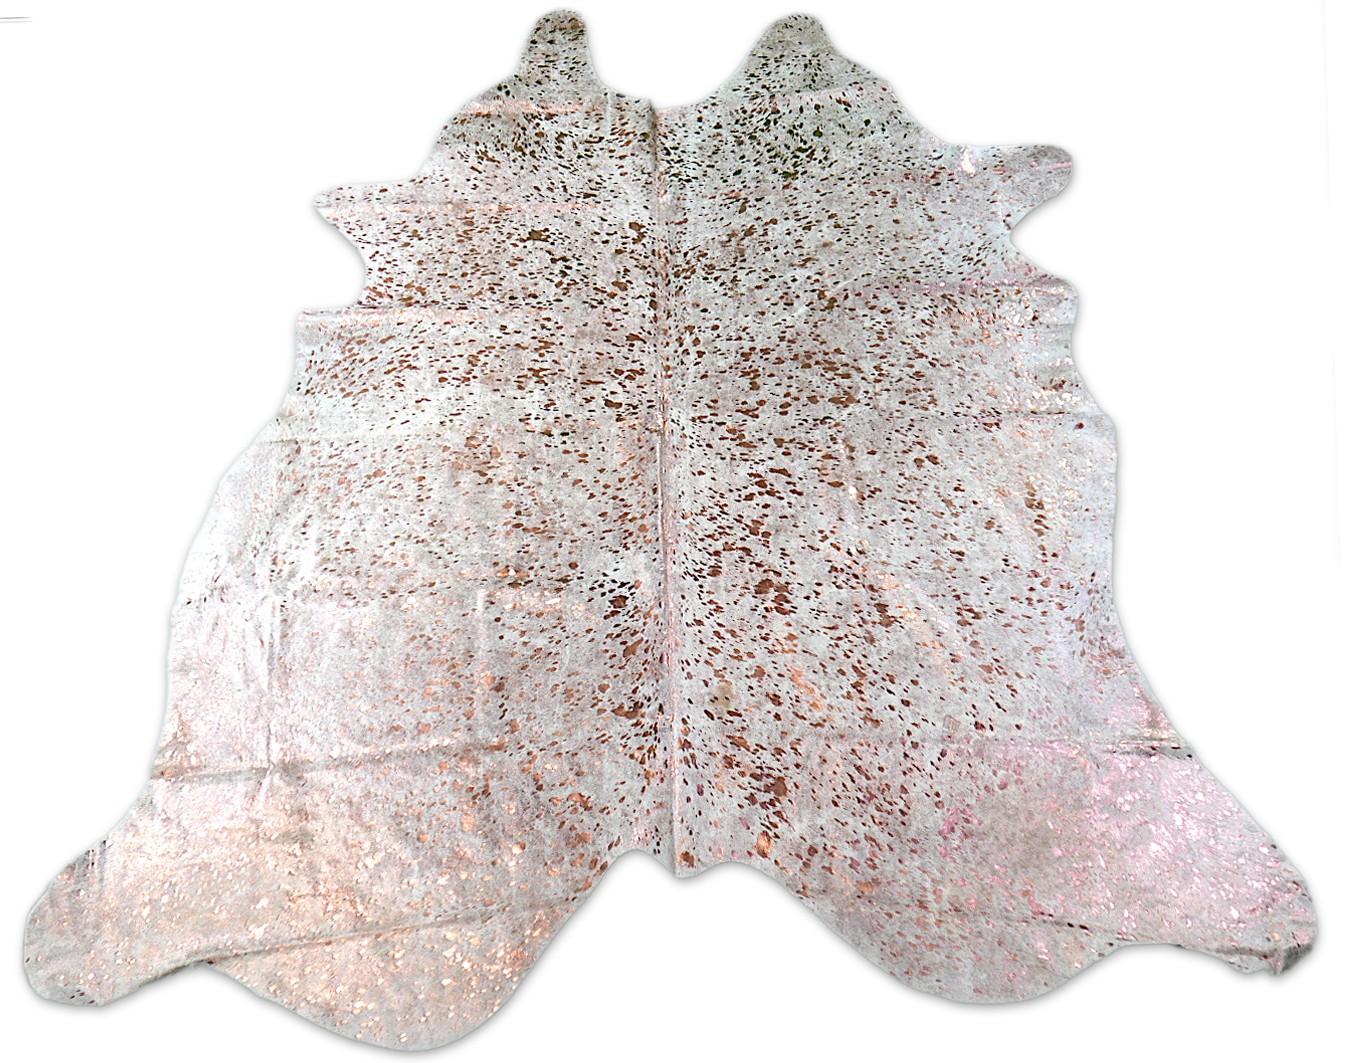 Rose Gold Metallic Cowhide Rug Size: ~7' X 7' Gold Metallic Cowhide